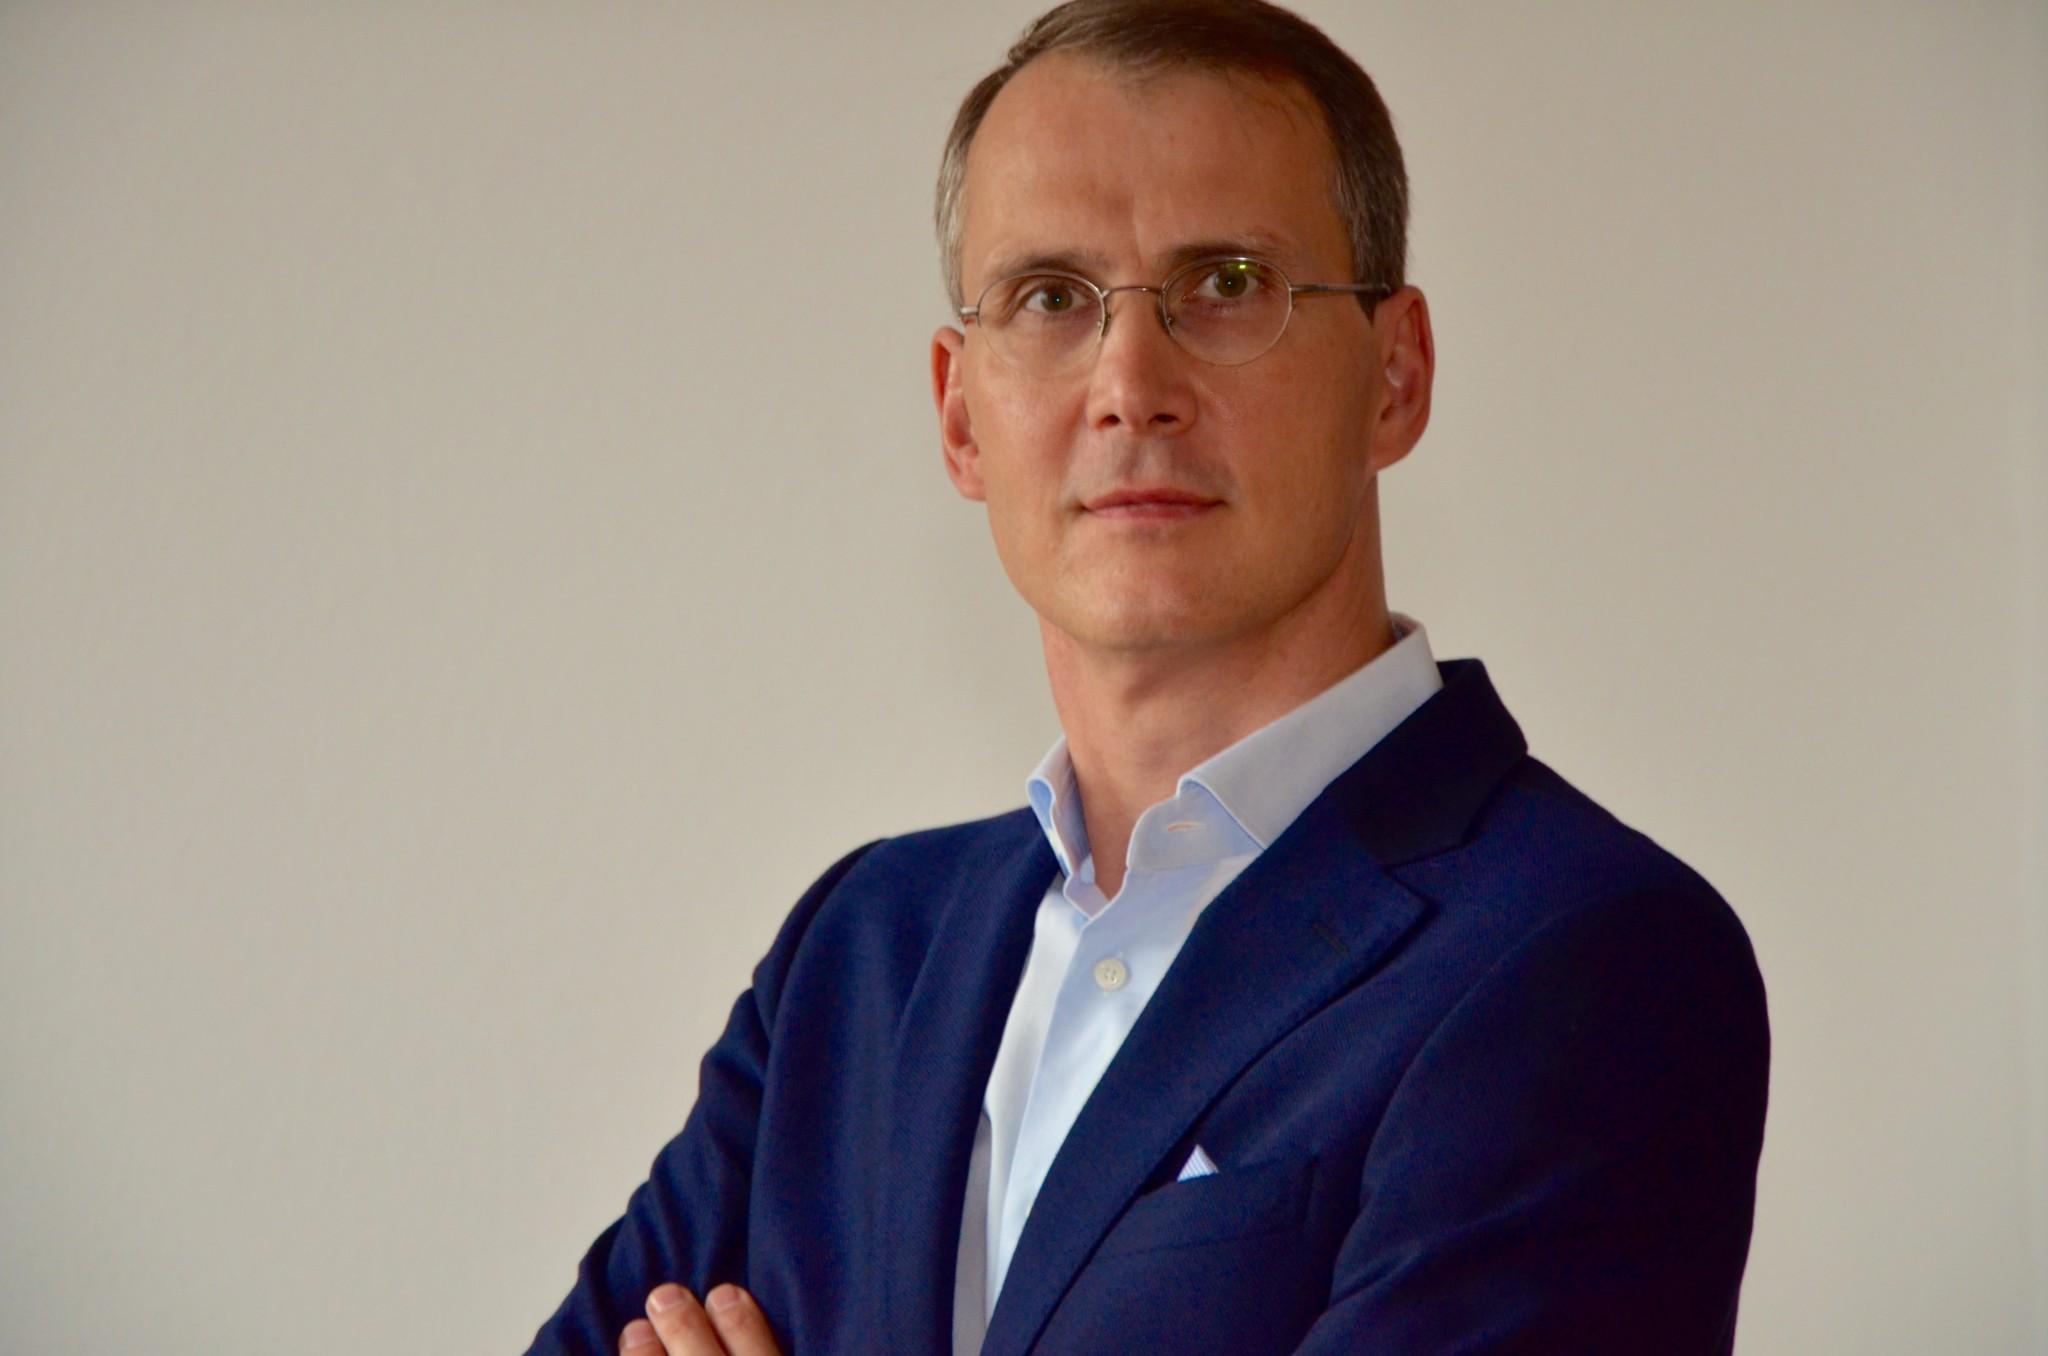 Patentanwalt Dr. Stephan Wenzel